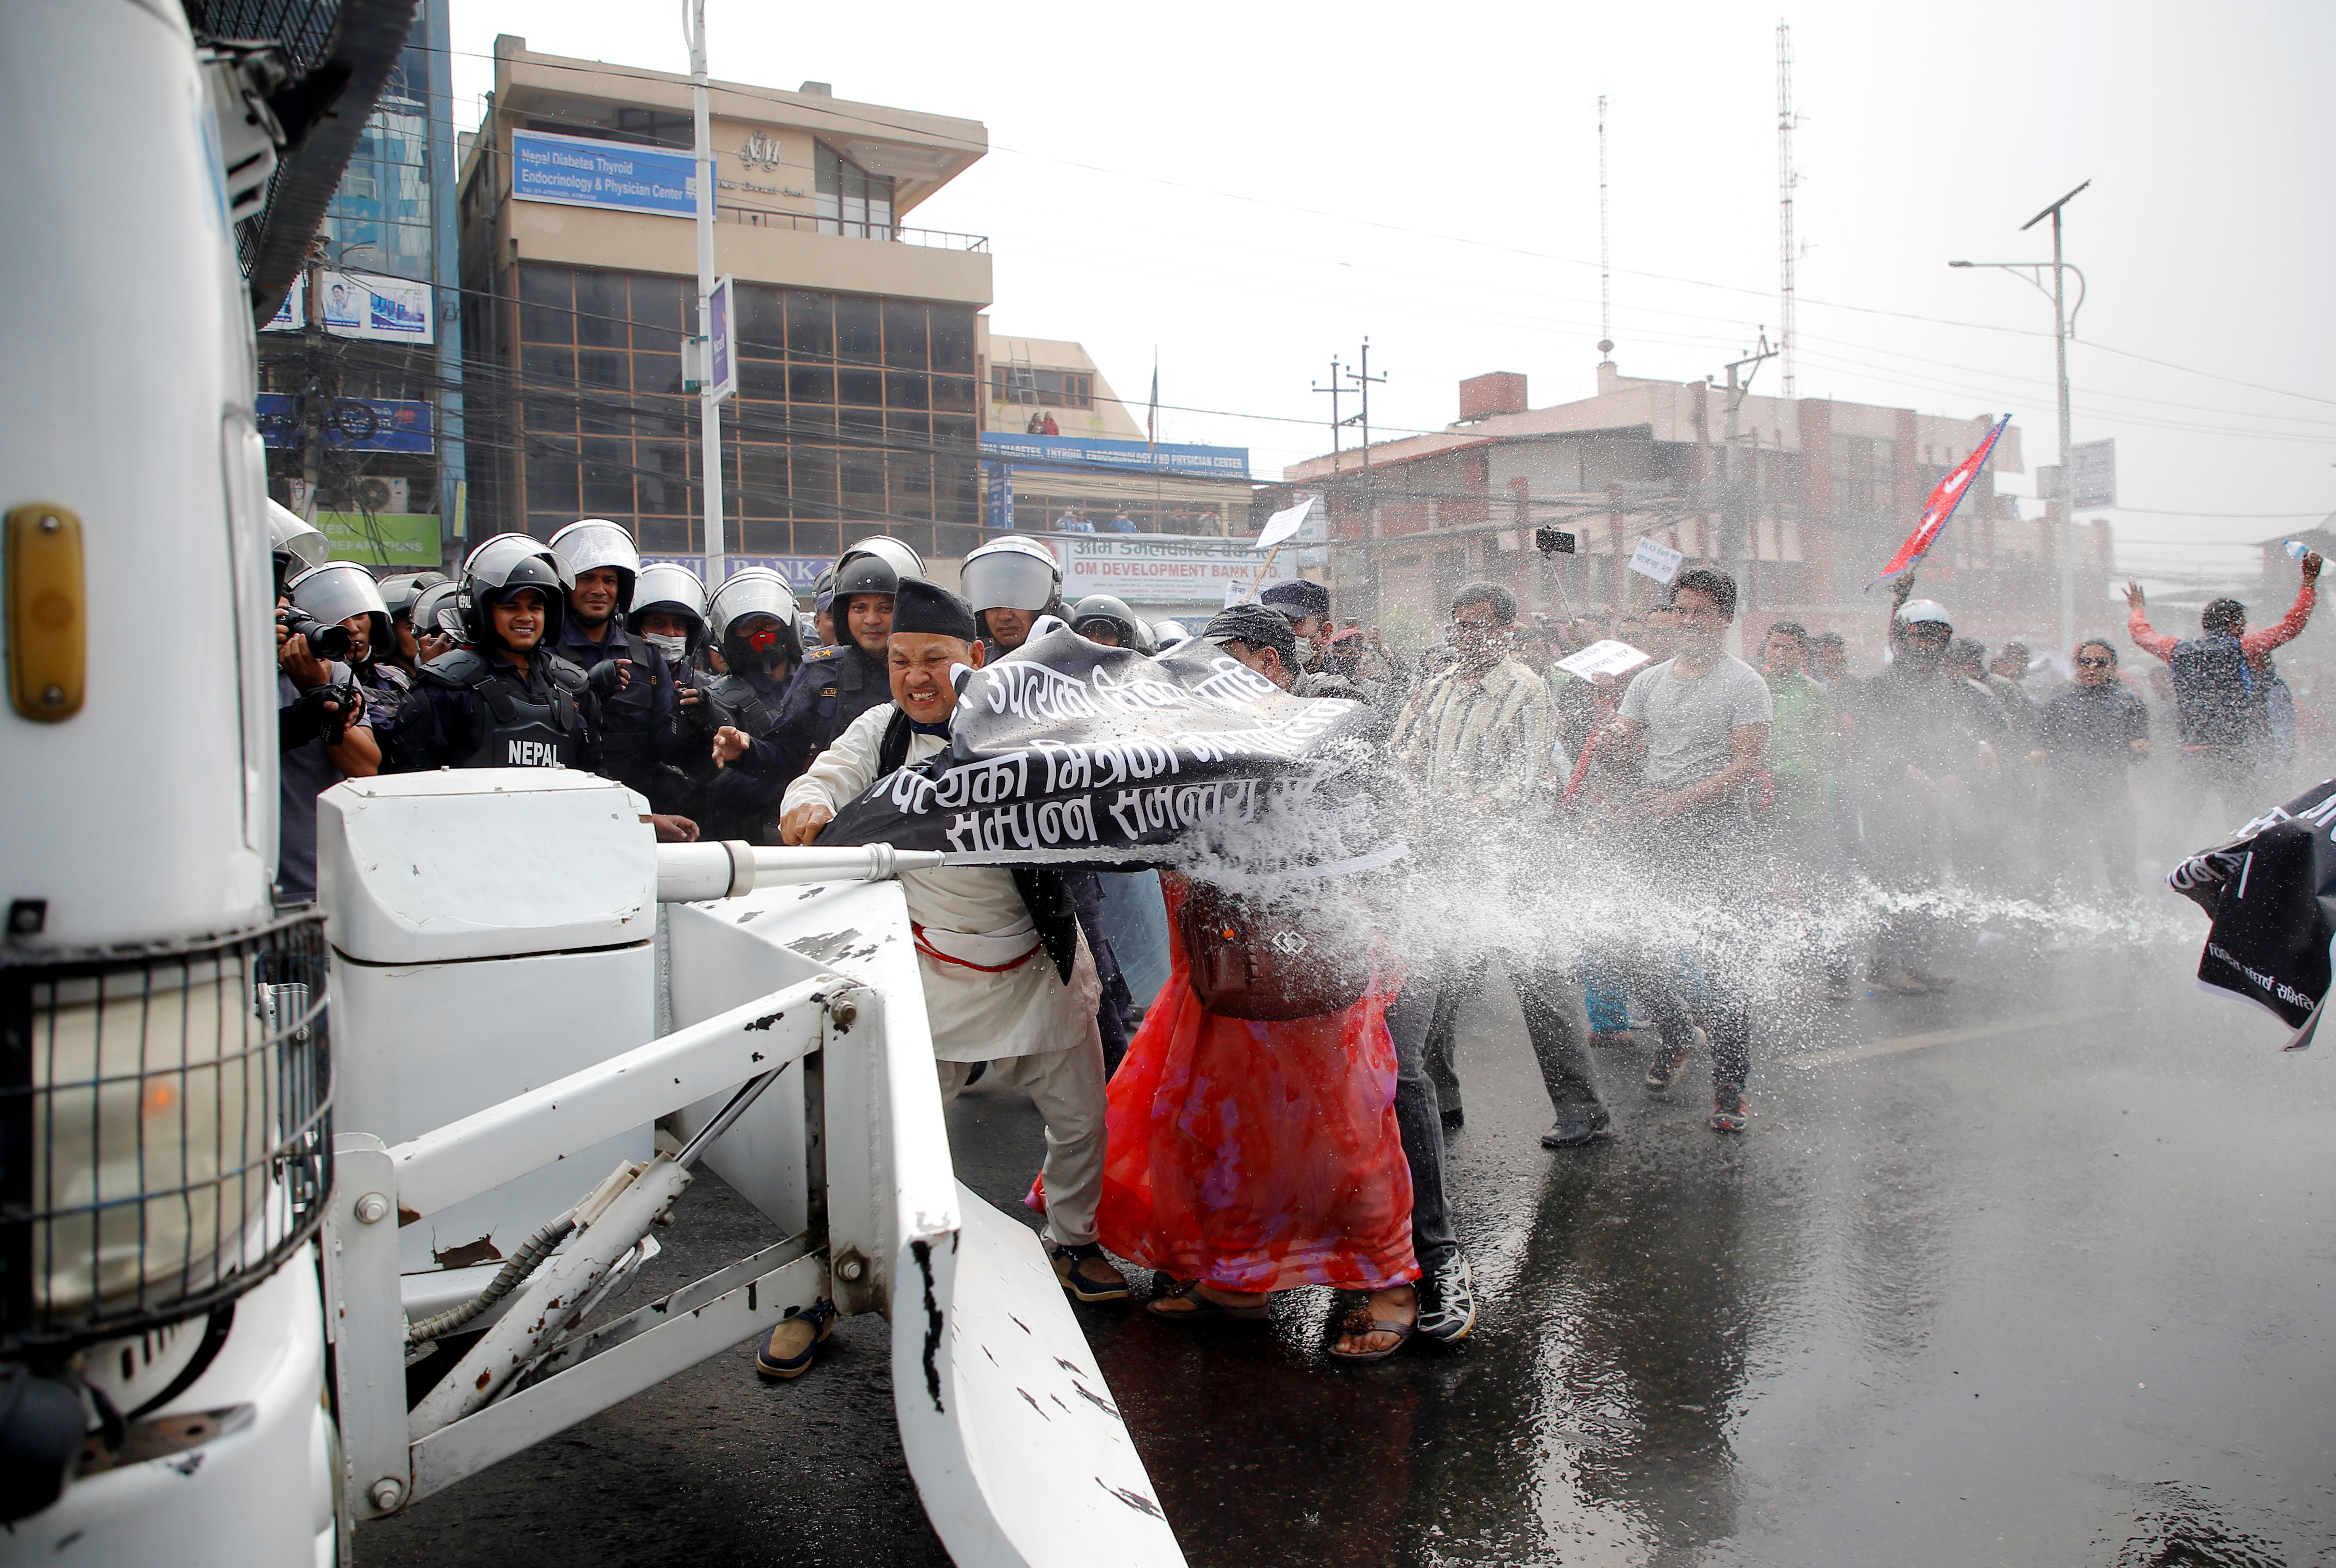 استخدام مدافع المياه لتفريق المتظاهرين